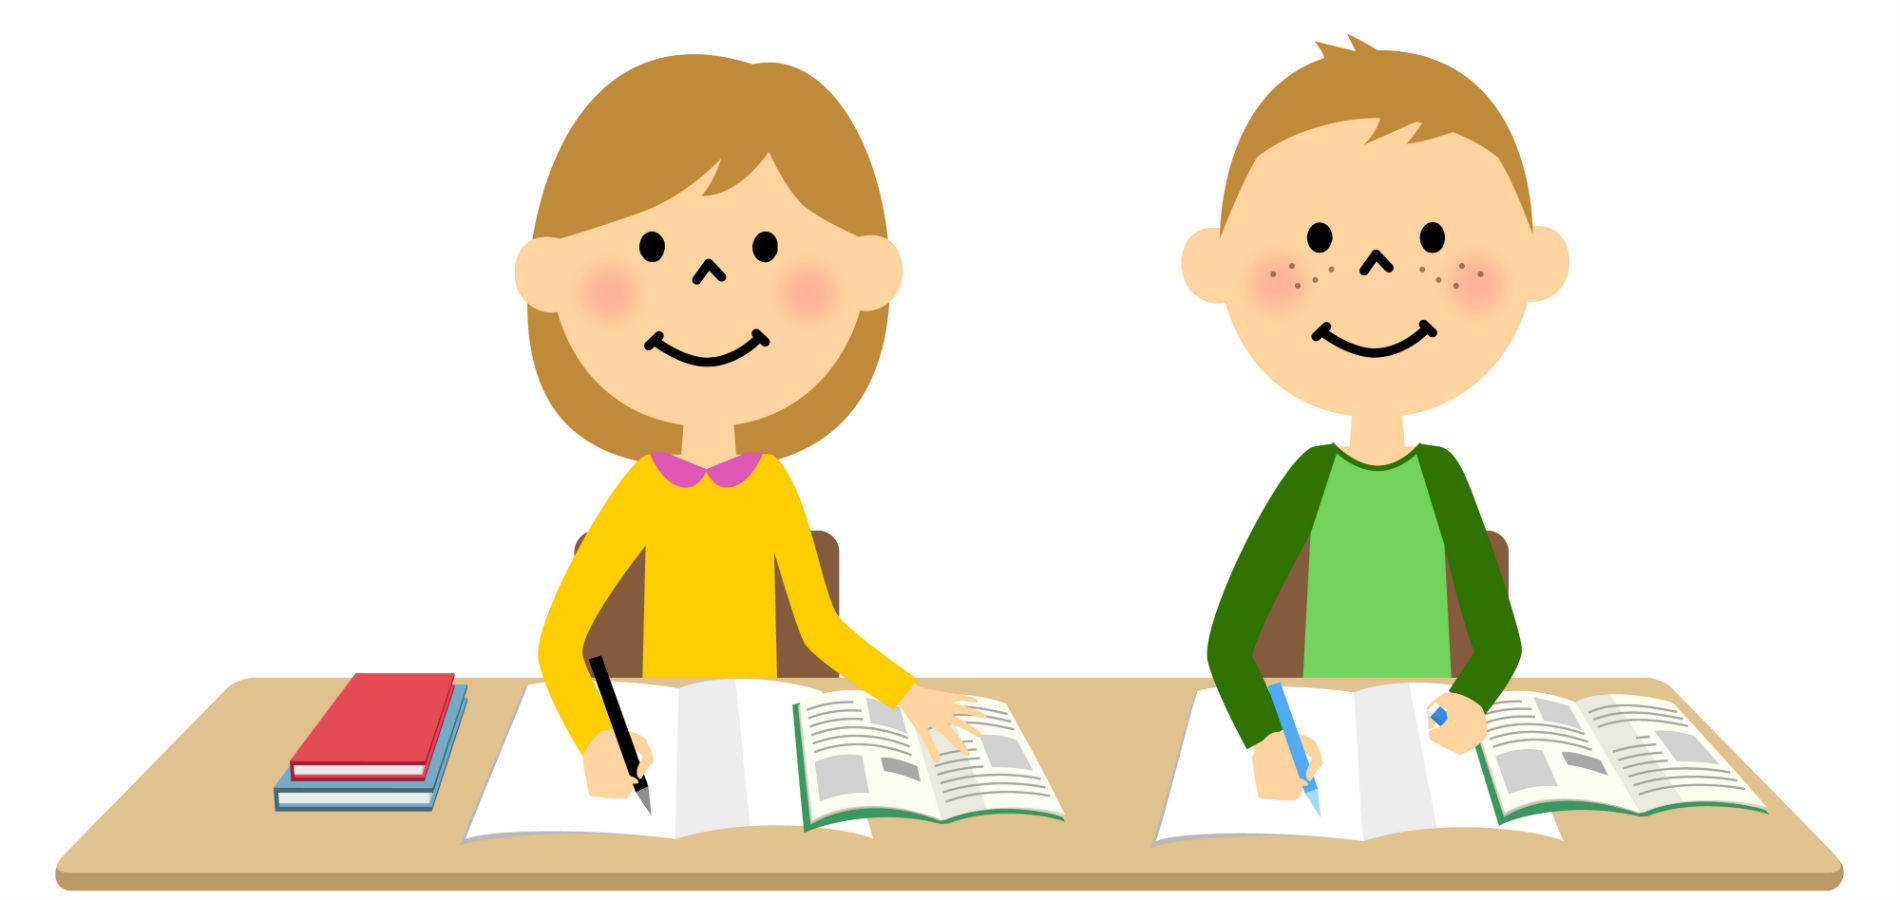 El método Kumon ayuda a los niños a mejorar en matemáticas.